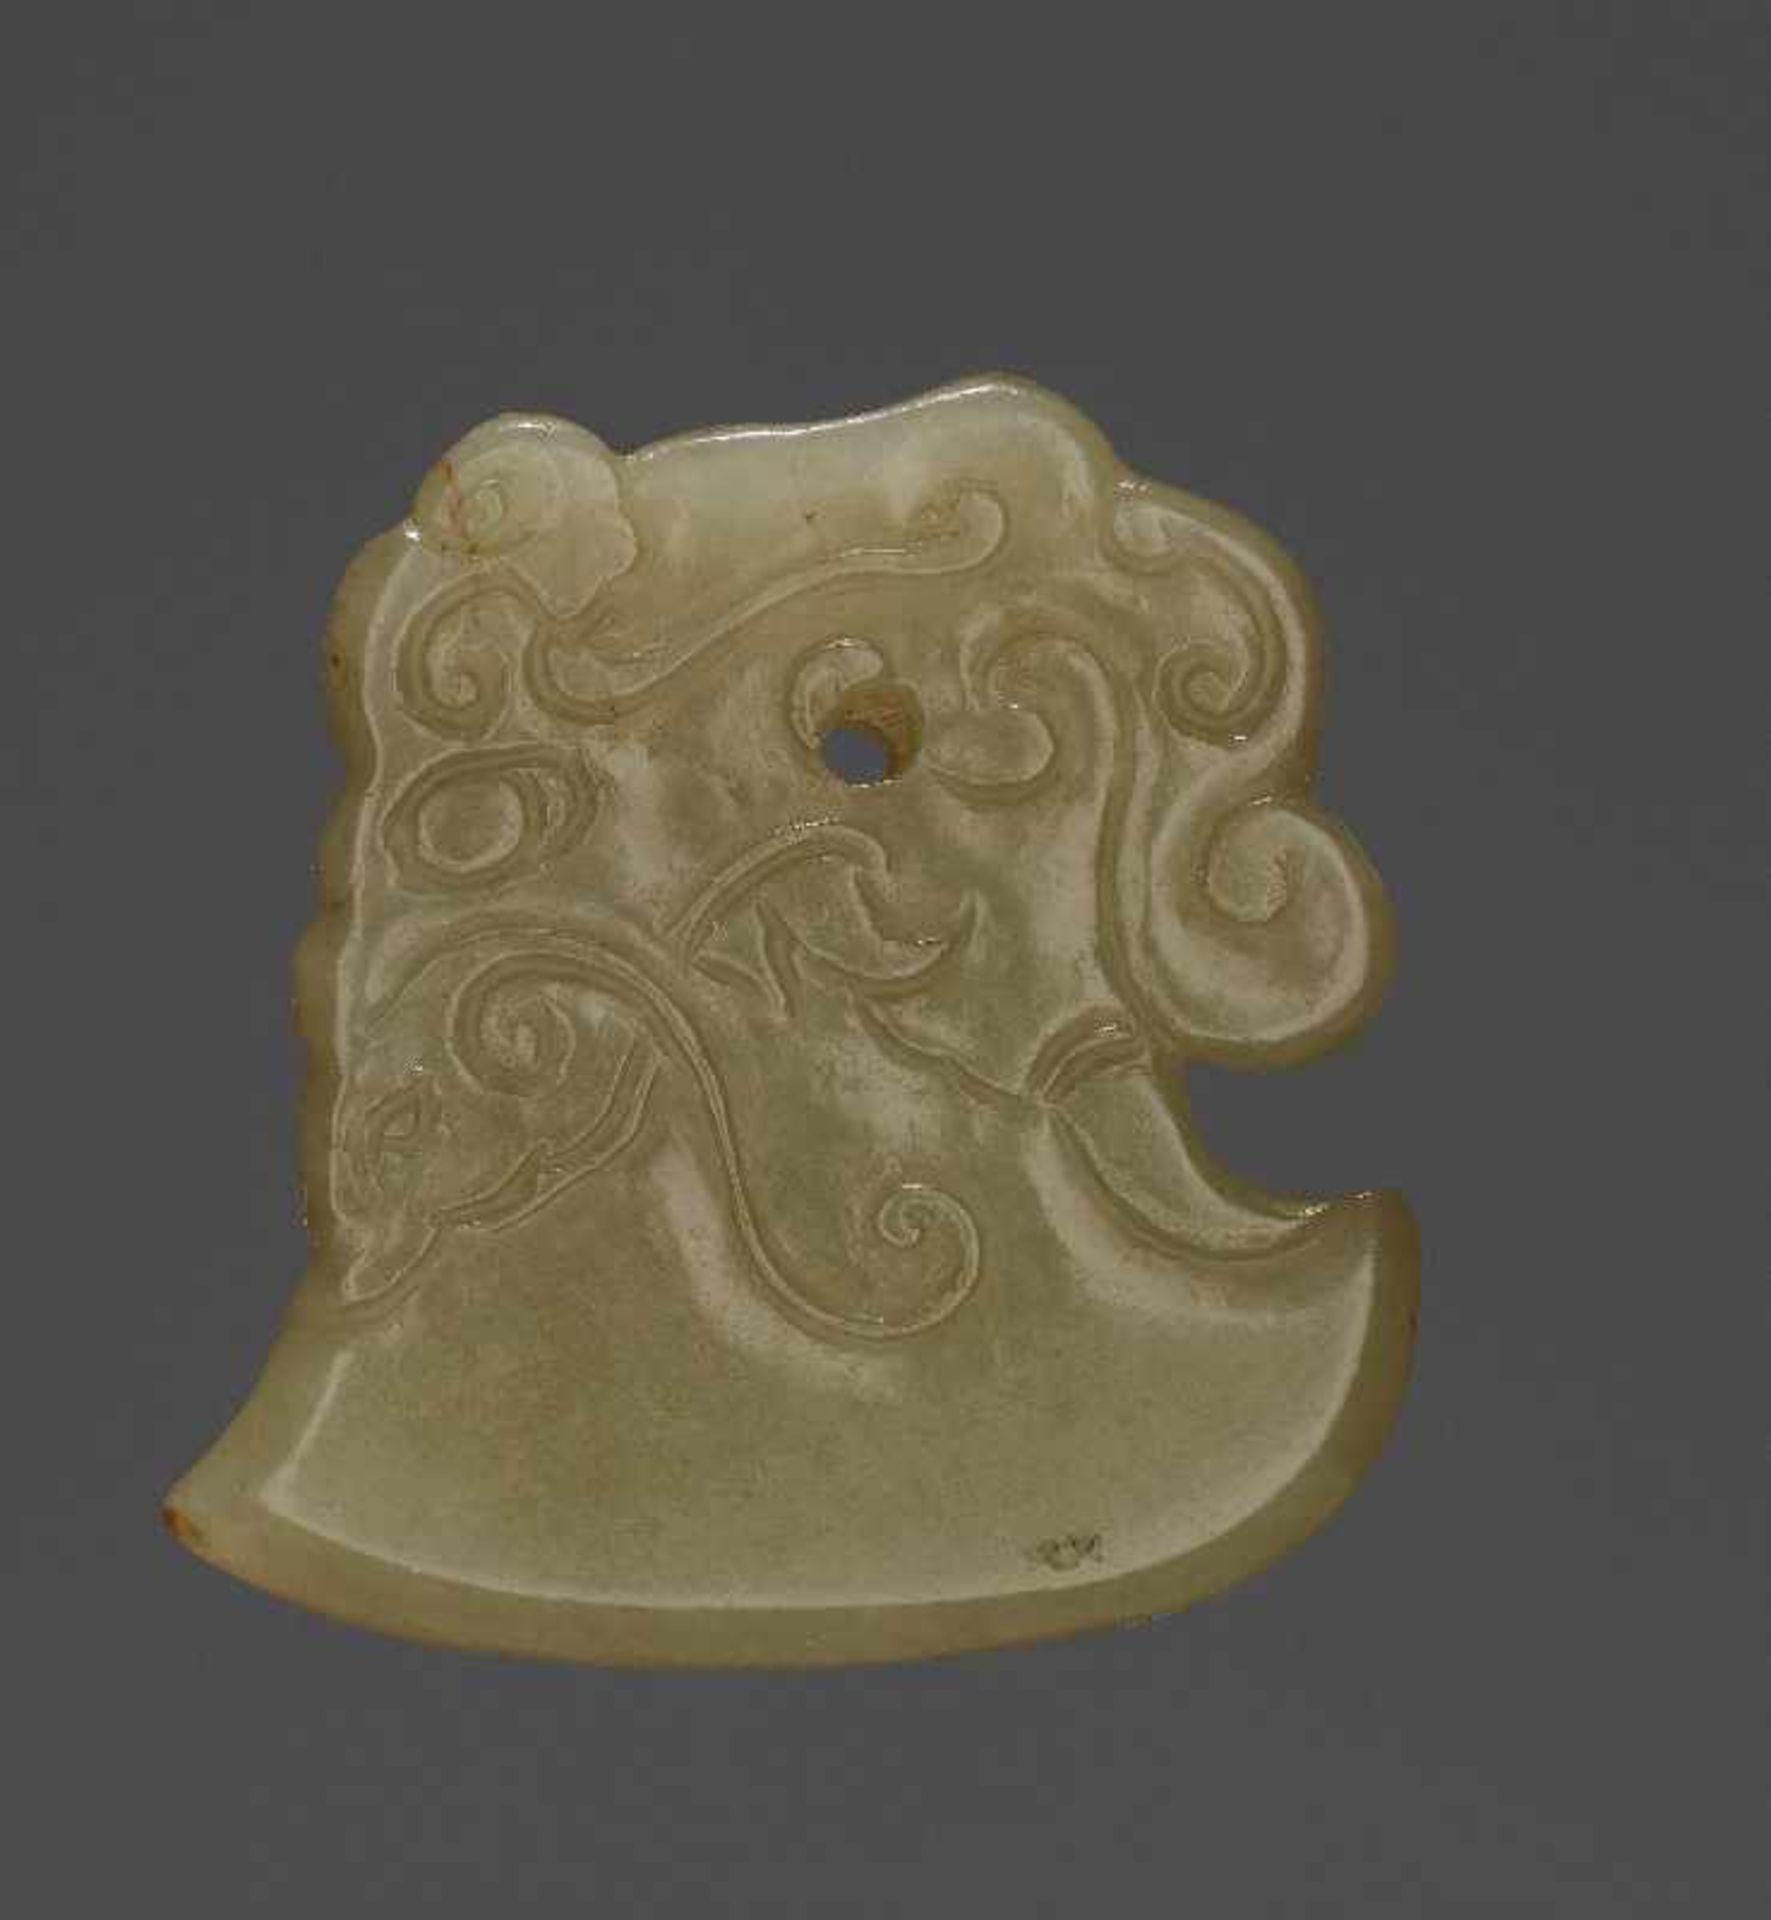 KONVOLUT MIT EINER BI UND DREI AMULETTENJade. China, späte Qing-Dynastie, 19. Jh. 75a: BI Jade. - Image 17 of 17